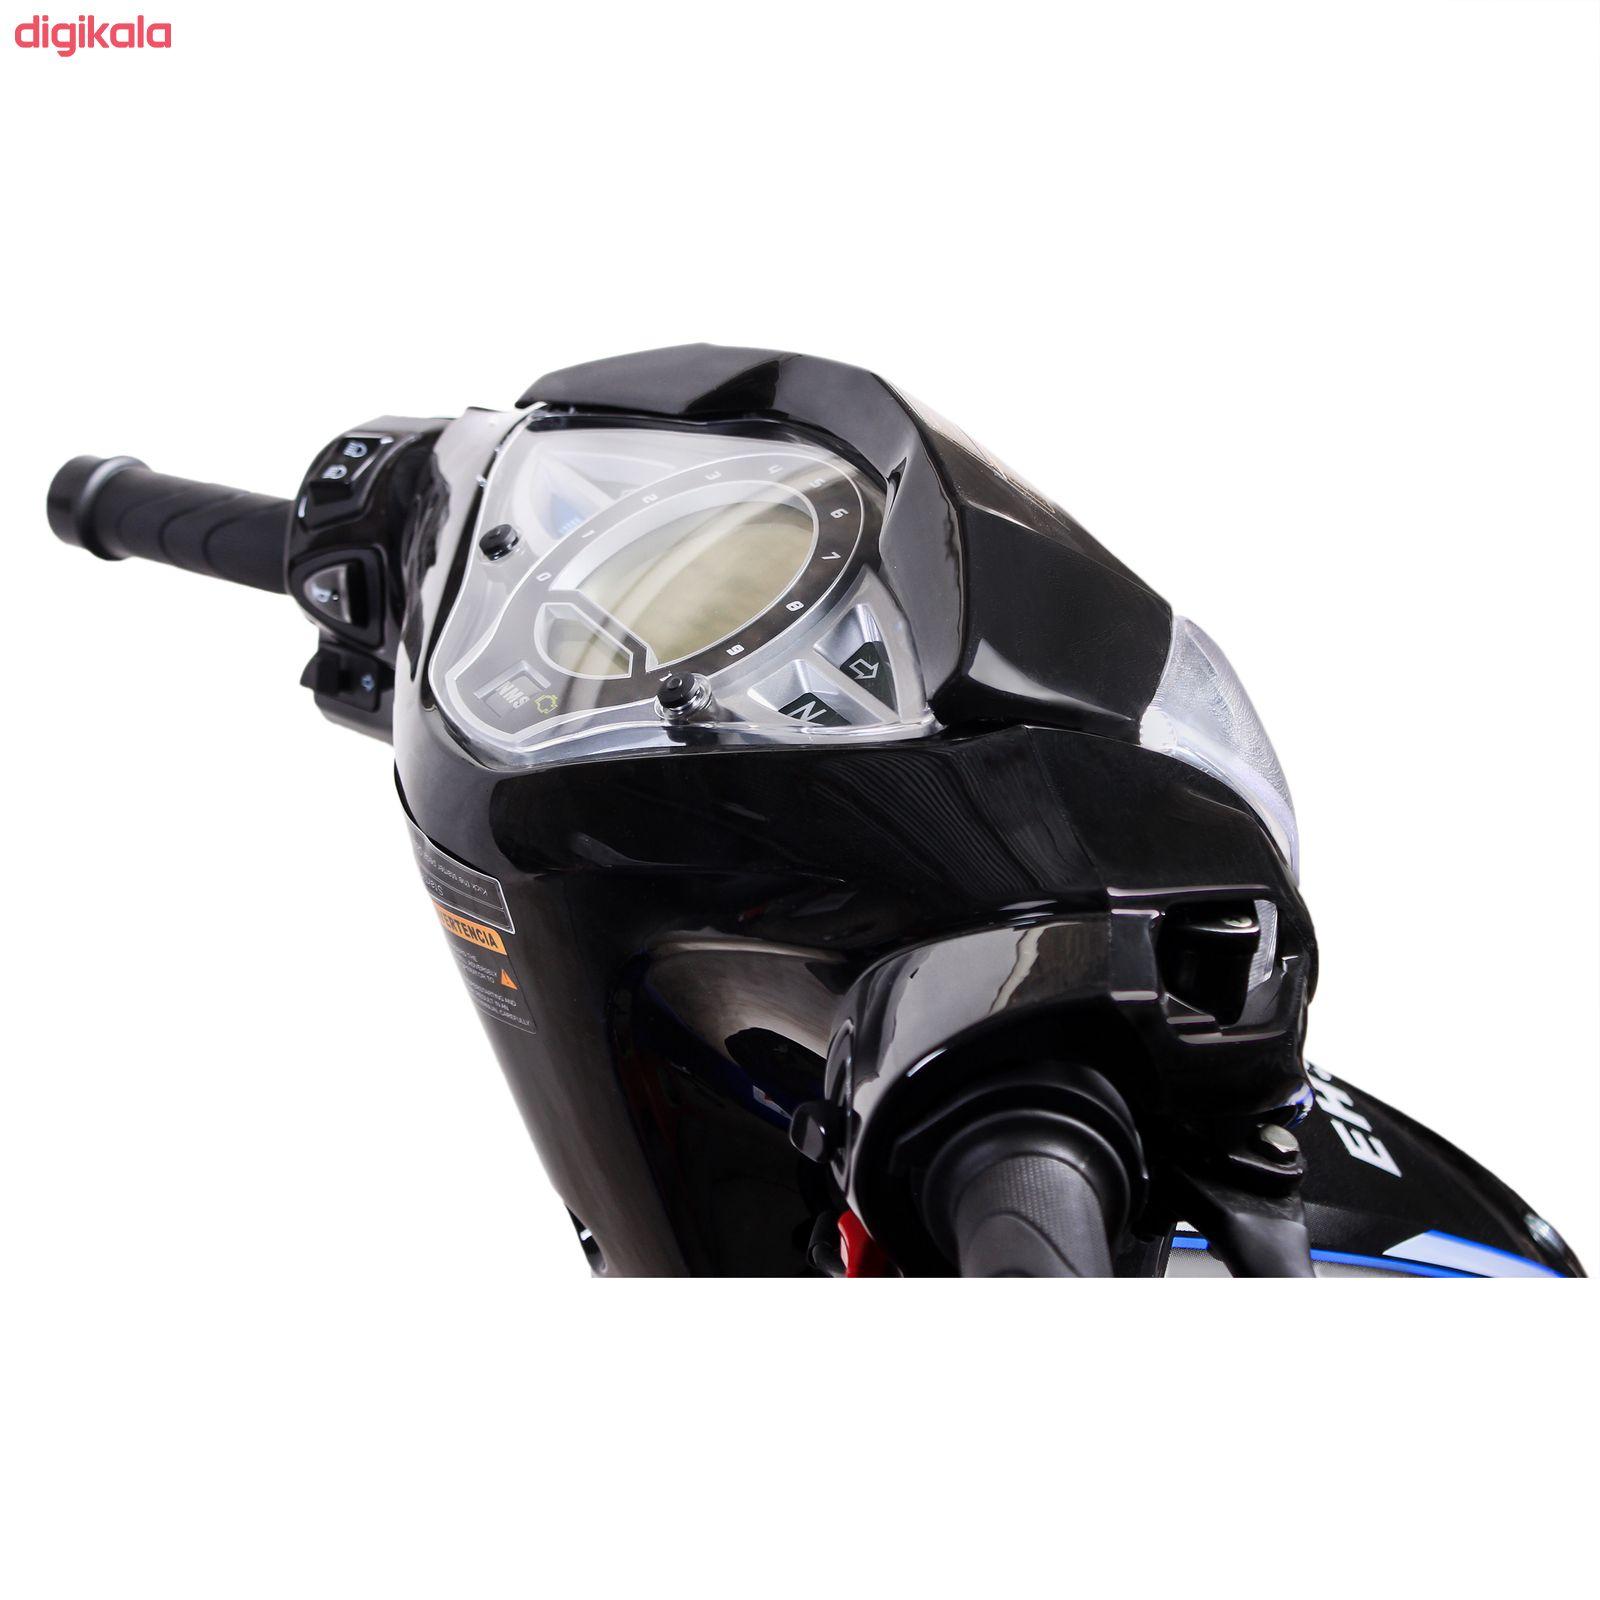 موتورسیکلت احسان مدل آر دی 125 سی سی سال 1399 main 1 1